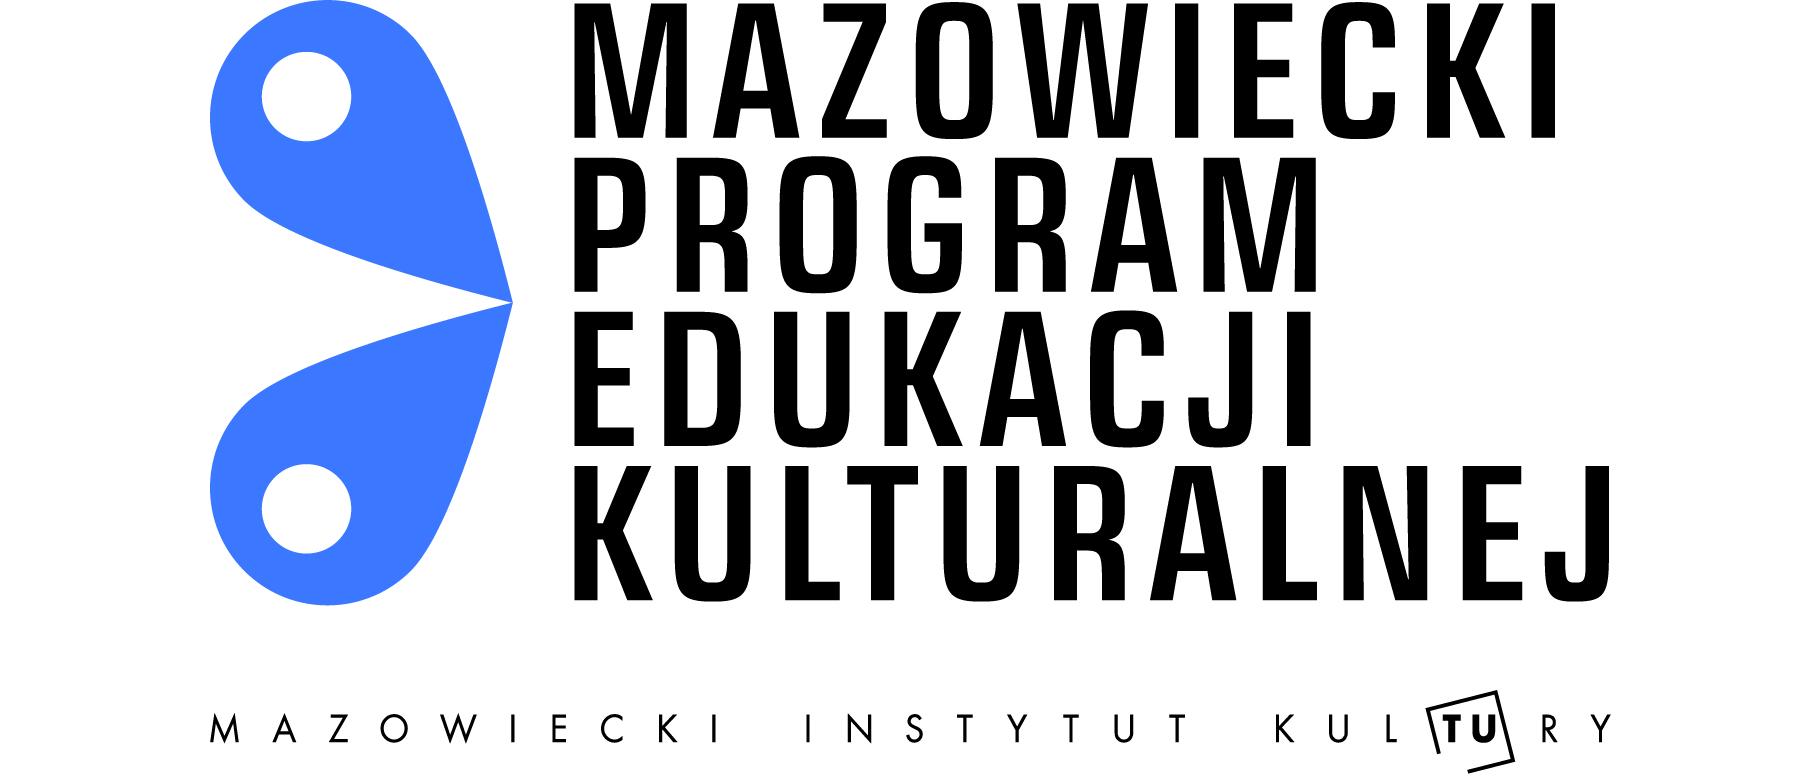 Mazowiecki Program Edukacji Kulturalnej